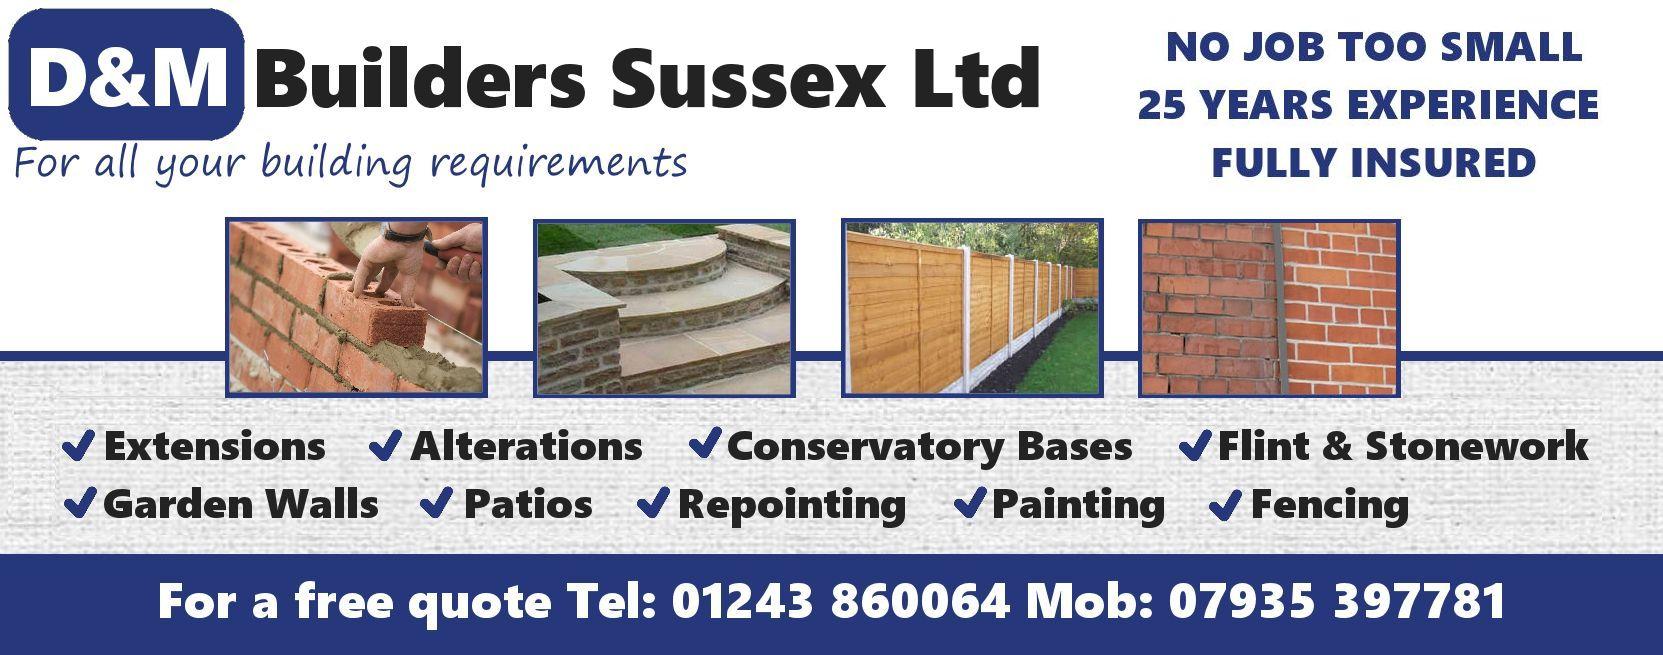 D & M Builders (Sussex) Ltd - West Sussex, West Sussex PO22 8HH - 01243 860064 | ShowMeLocal.com